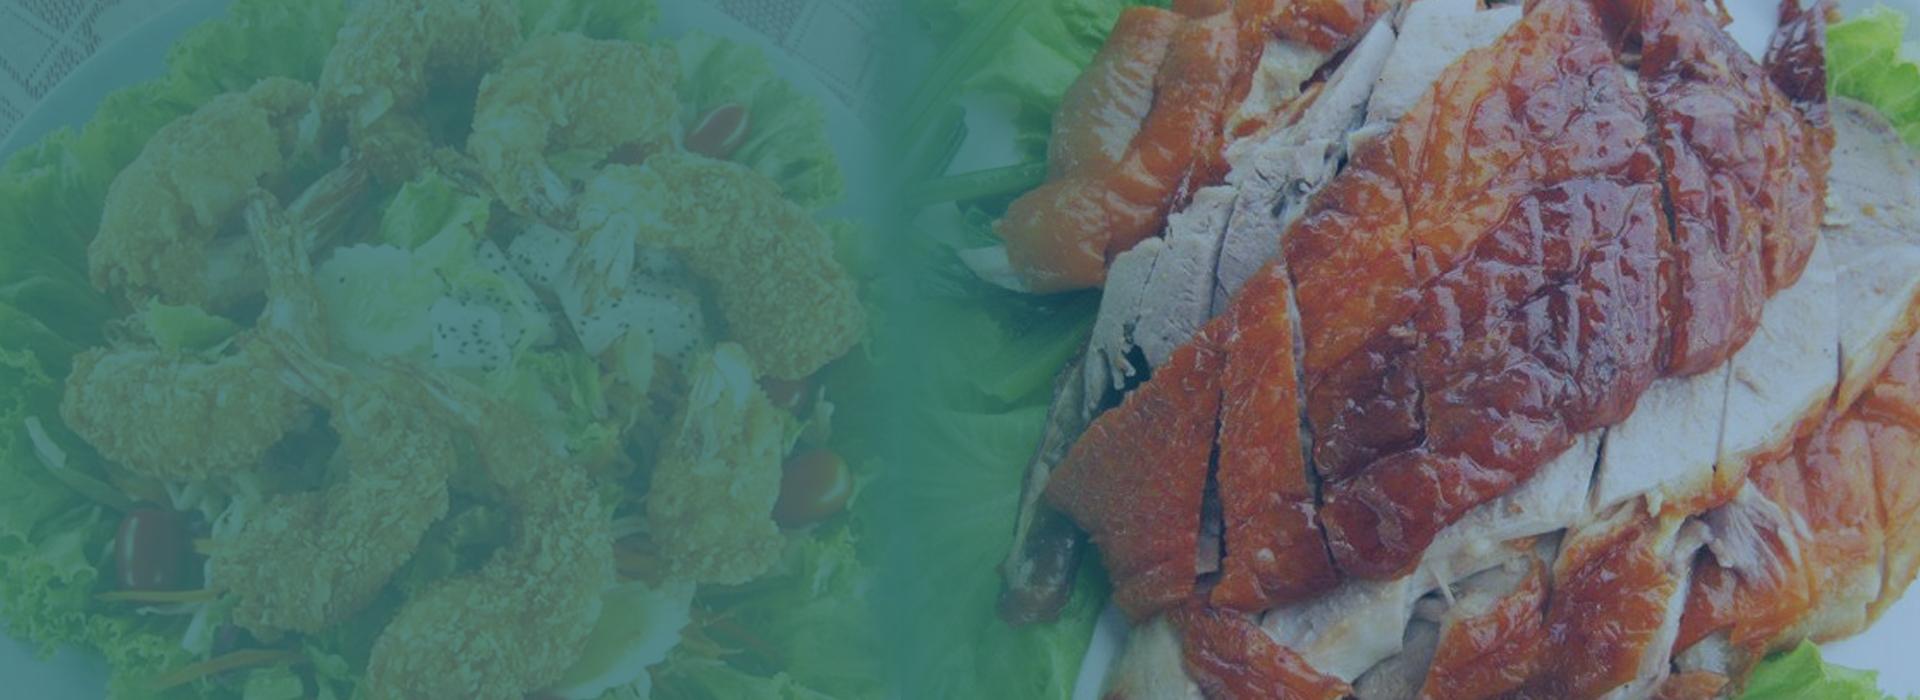 ชัยมาลา โต๊ะจีนอร่อย ราคาถูก